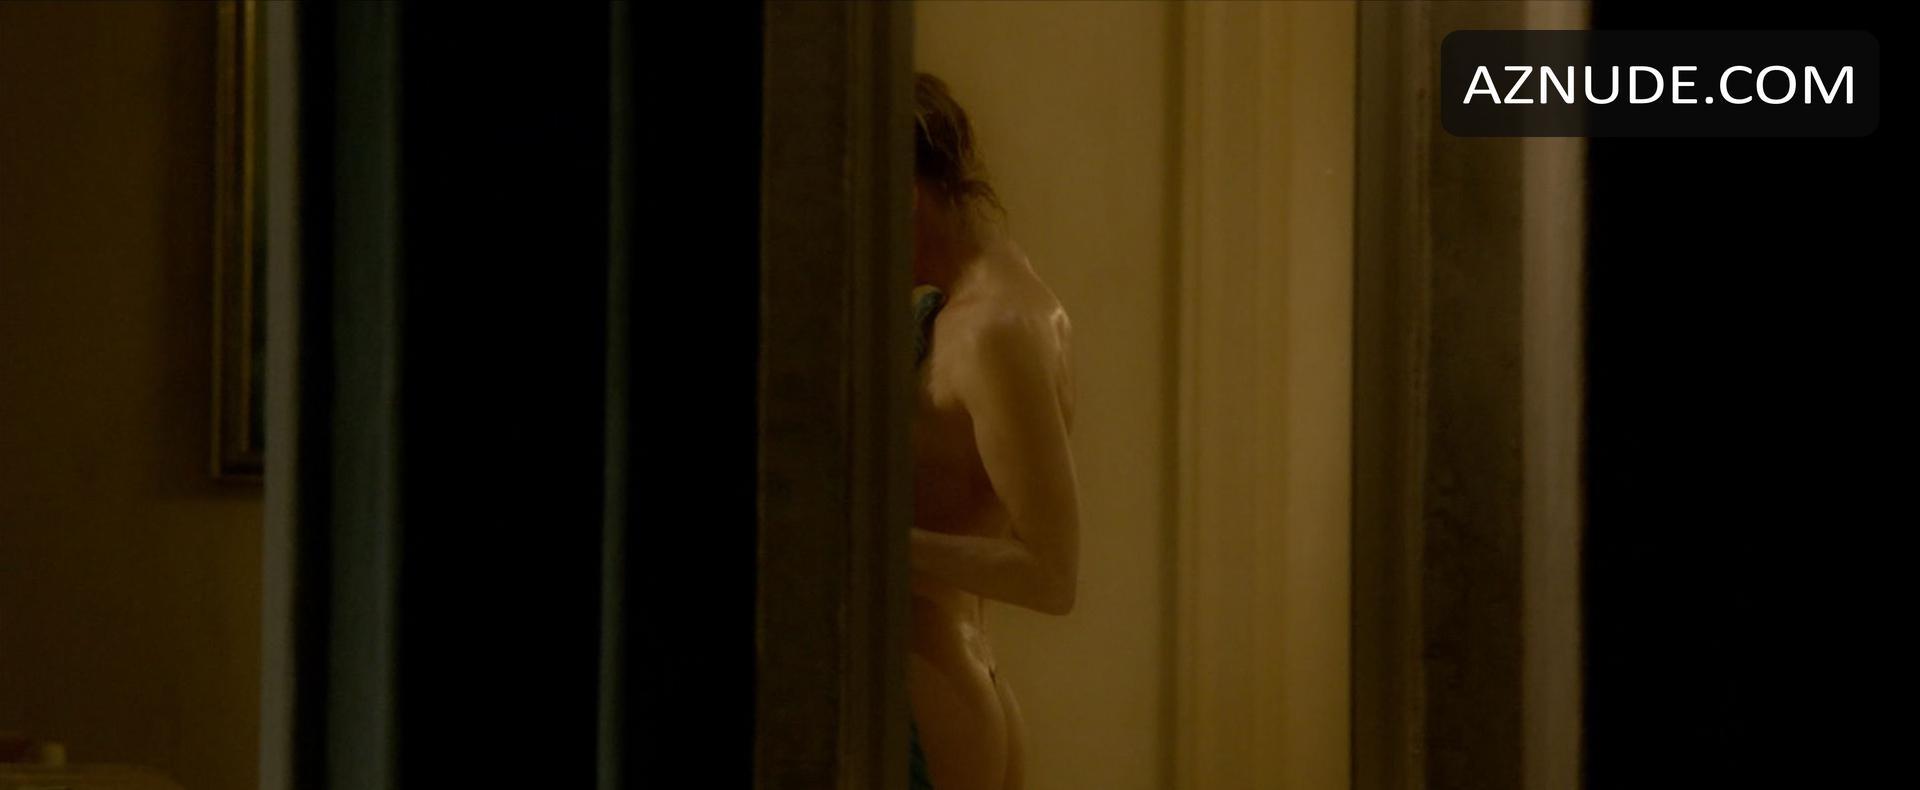 Renee Zellweger Nude Appaloosa-6409